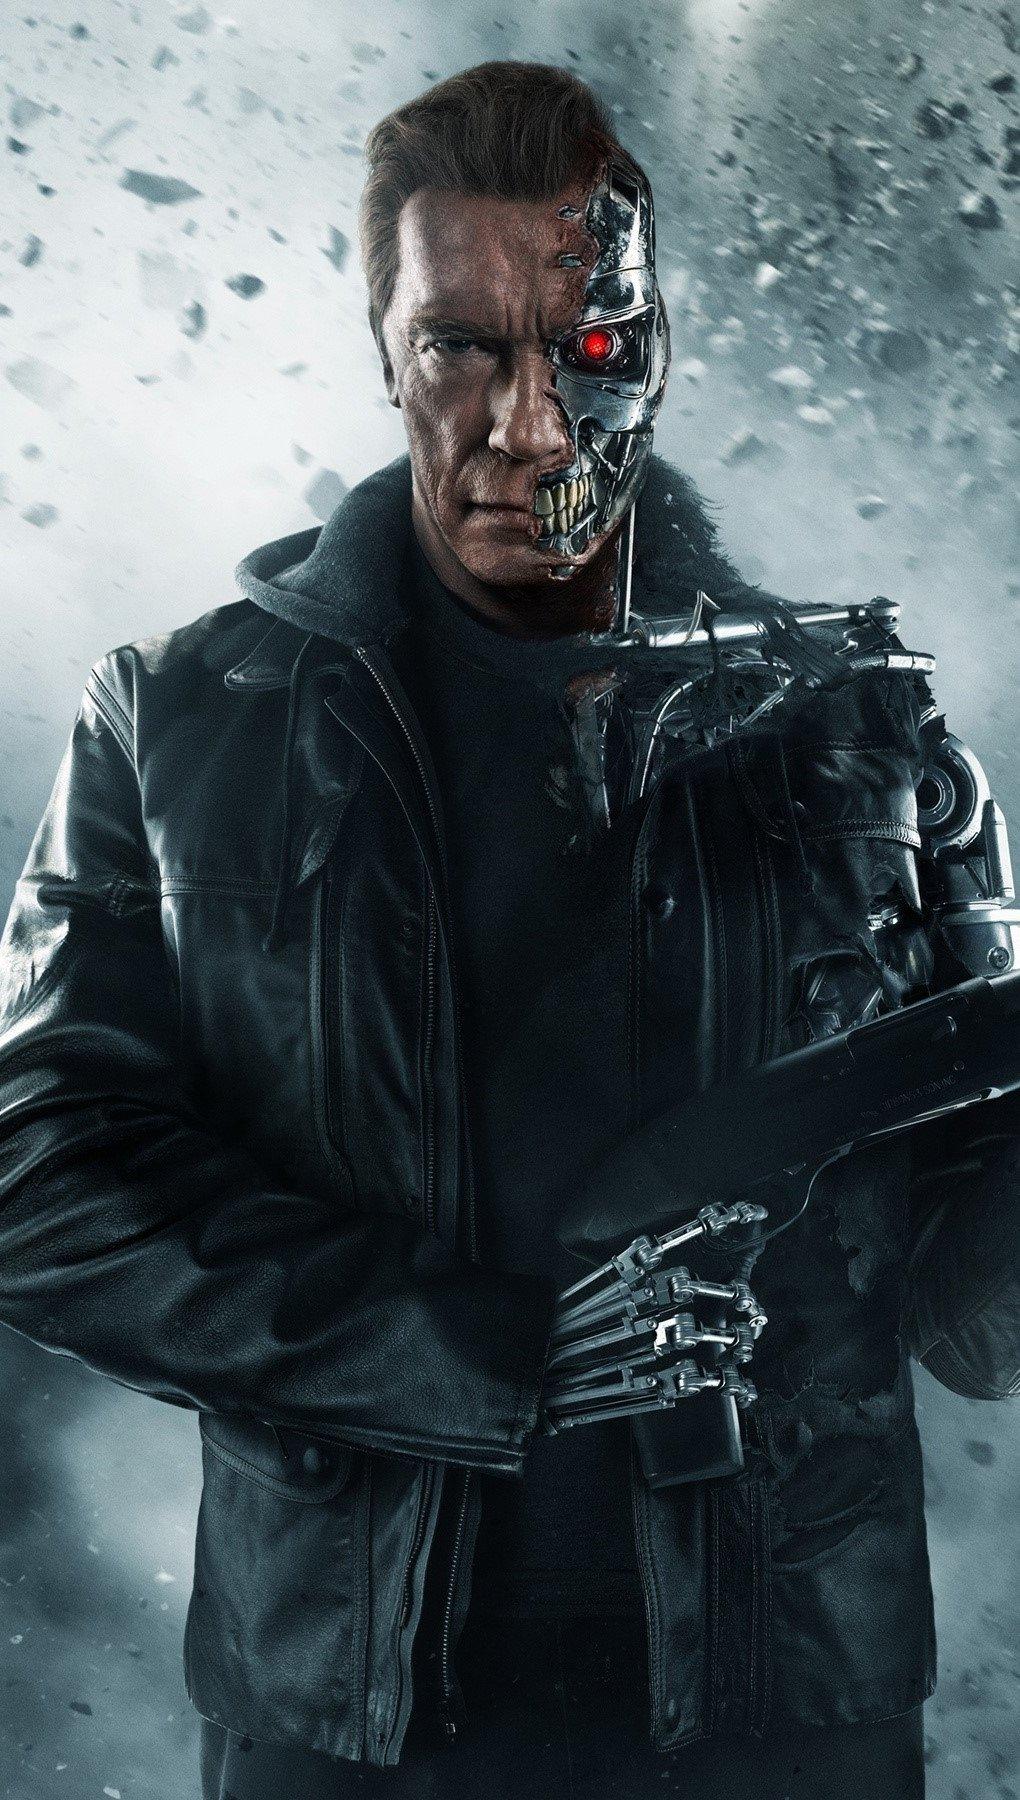 Fondos de pantalla Arnold Schwarzenegger en Terminator Vertical